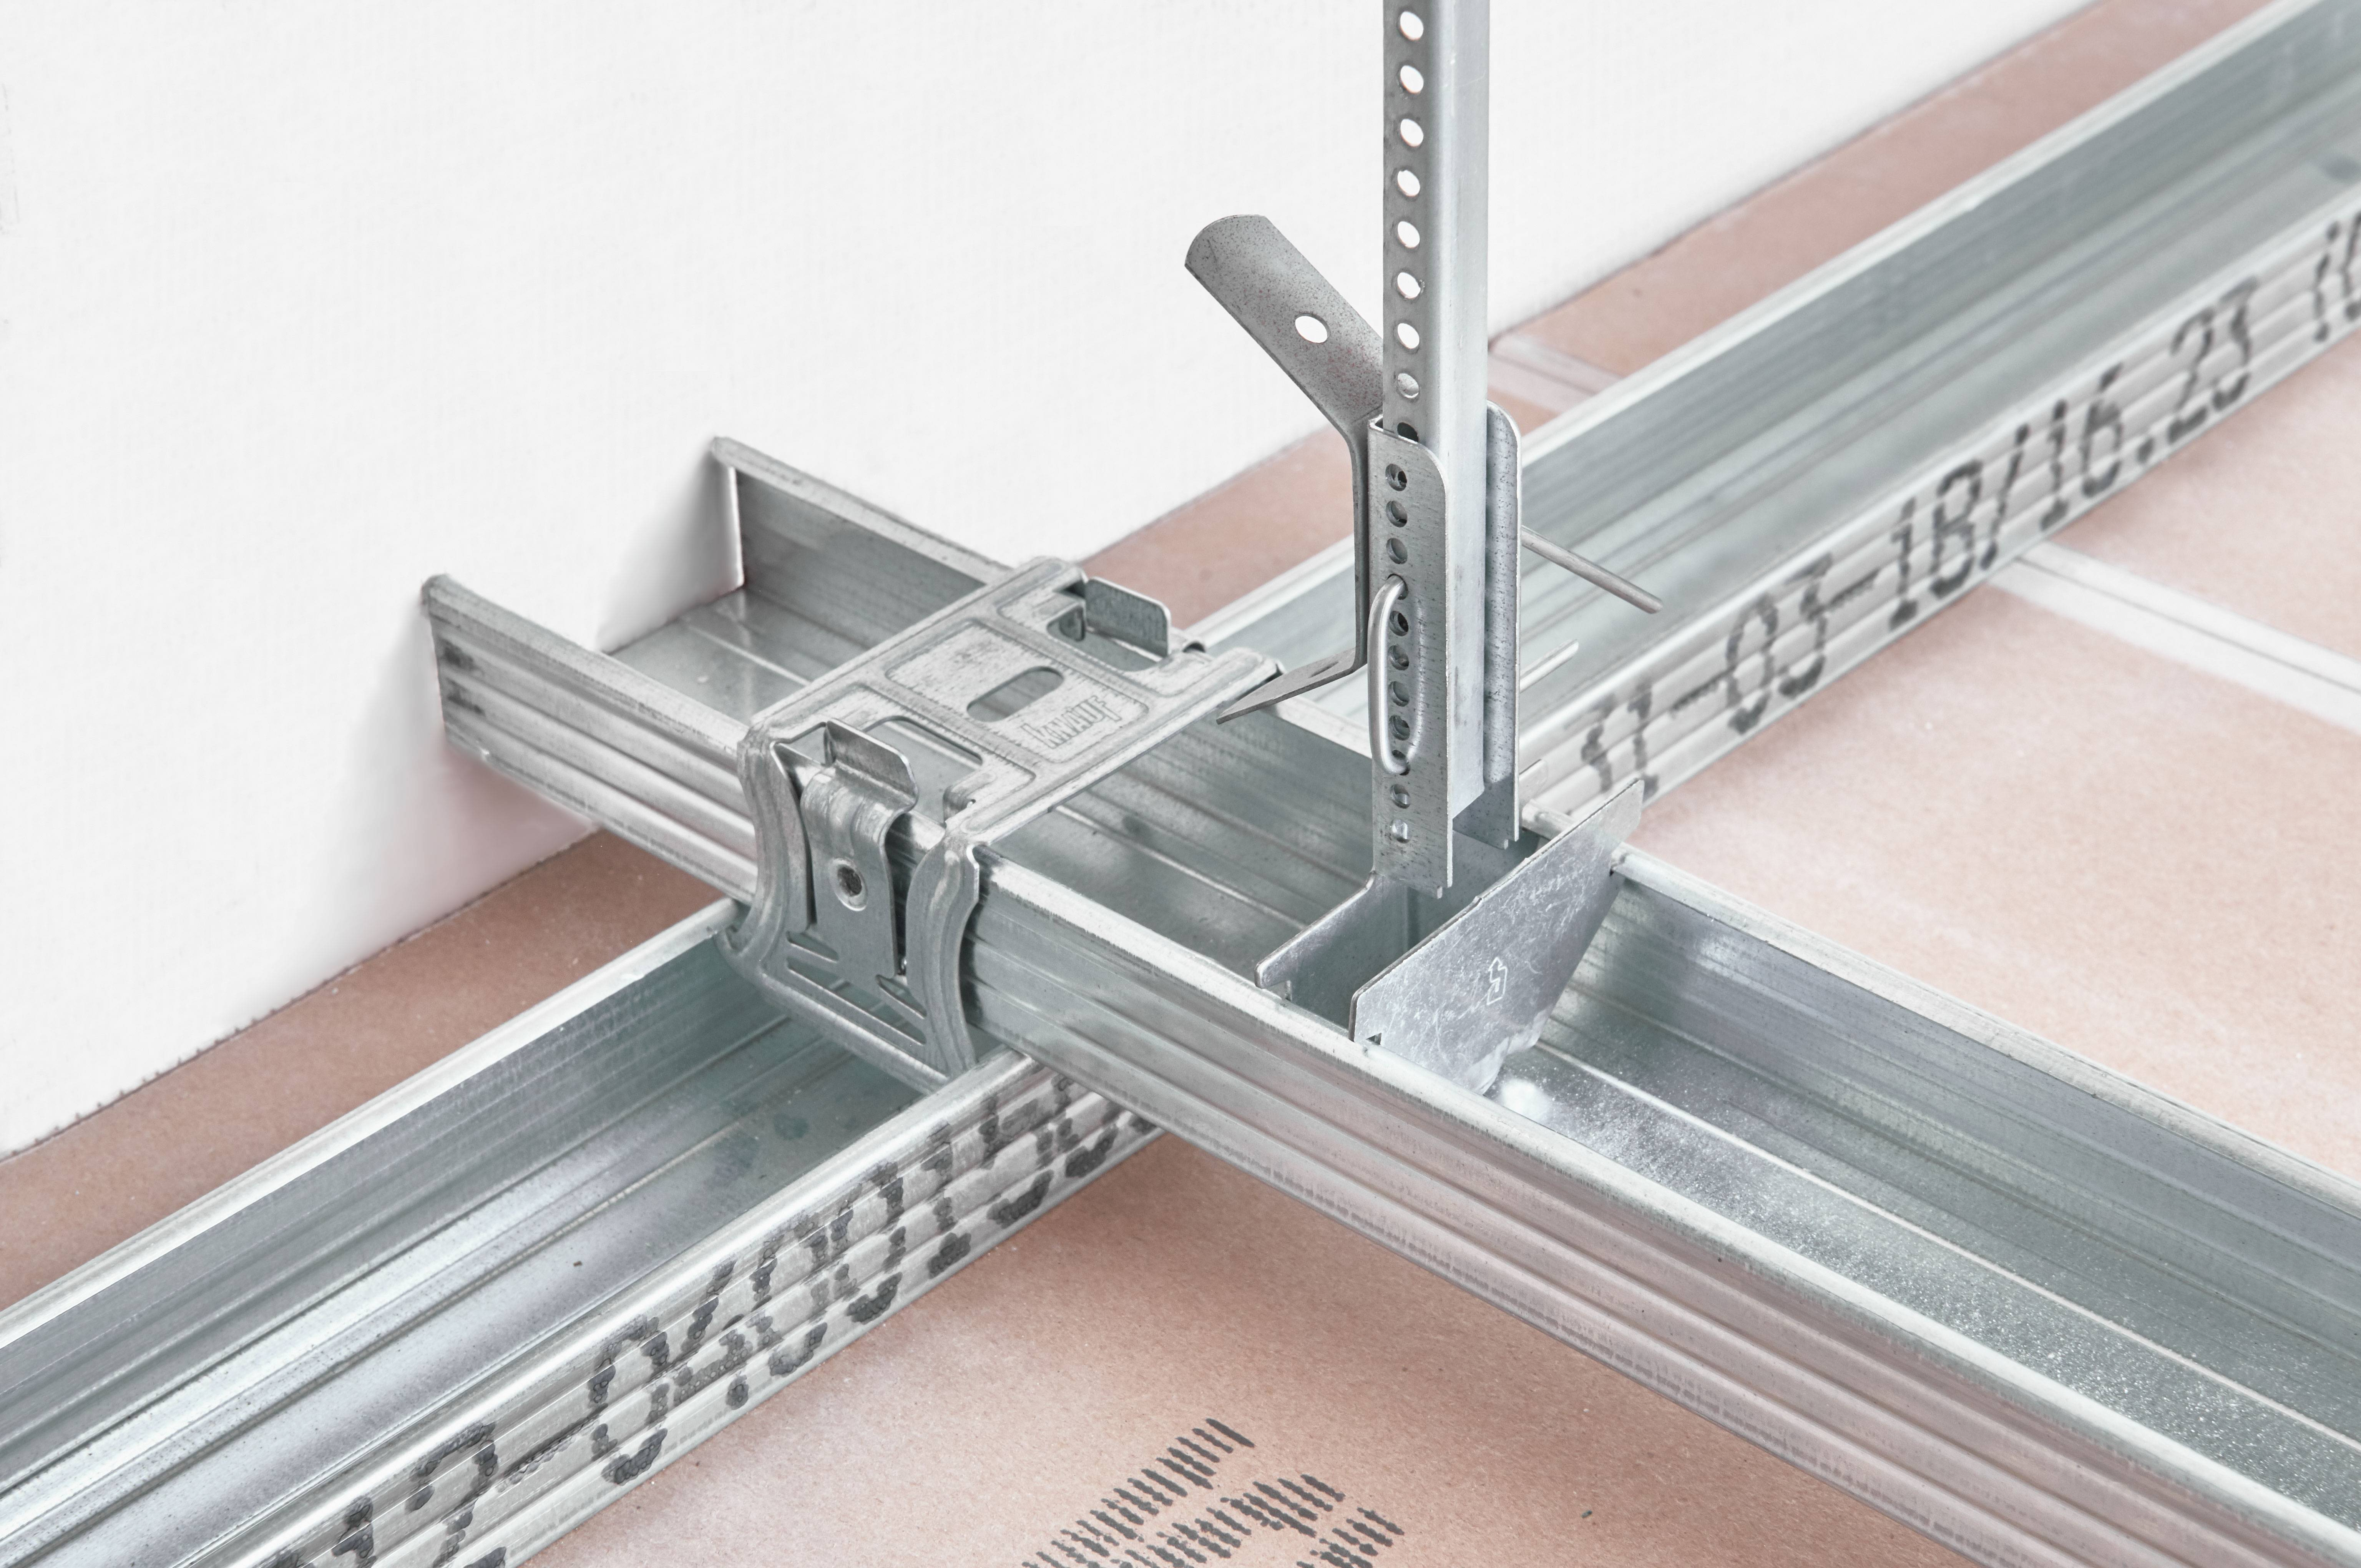 Потолочный профиль для гипсокартонных потолочных конструкций. создание каркаса для потолка из гипсокартона: инструкция по сборке и монтажу